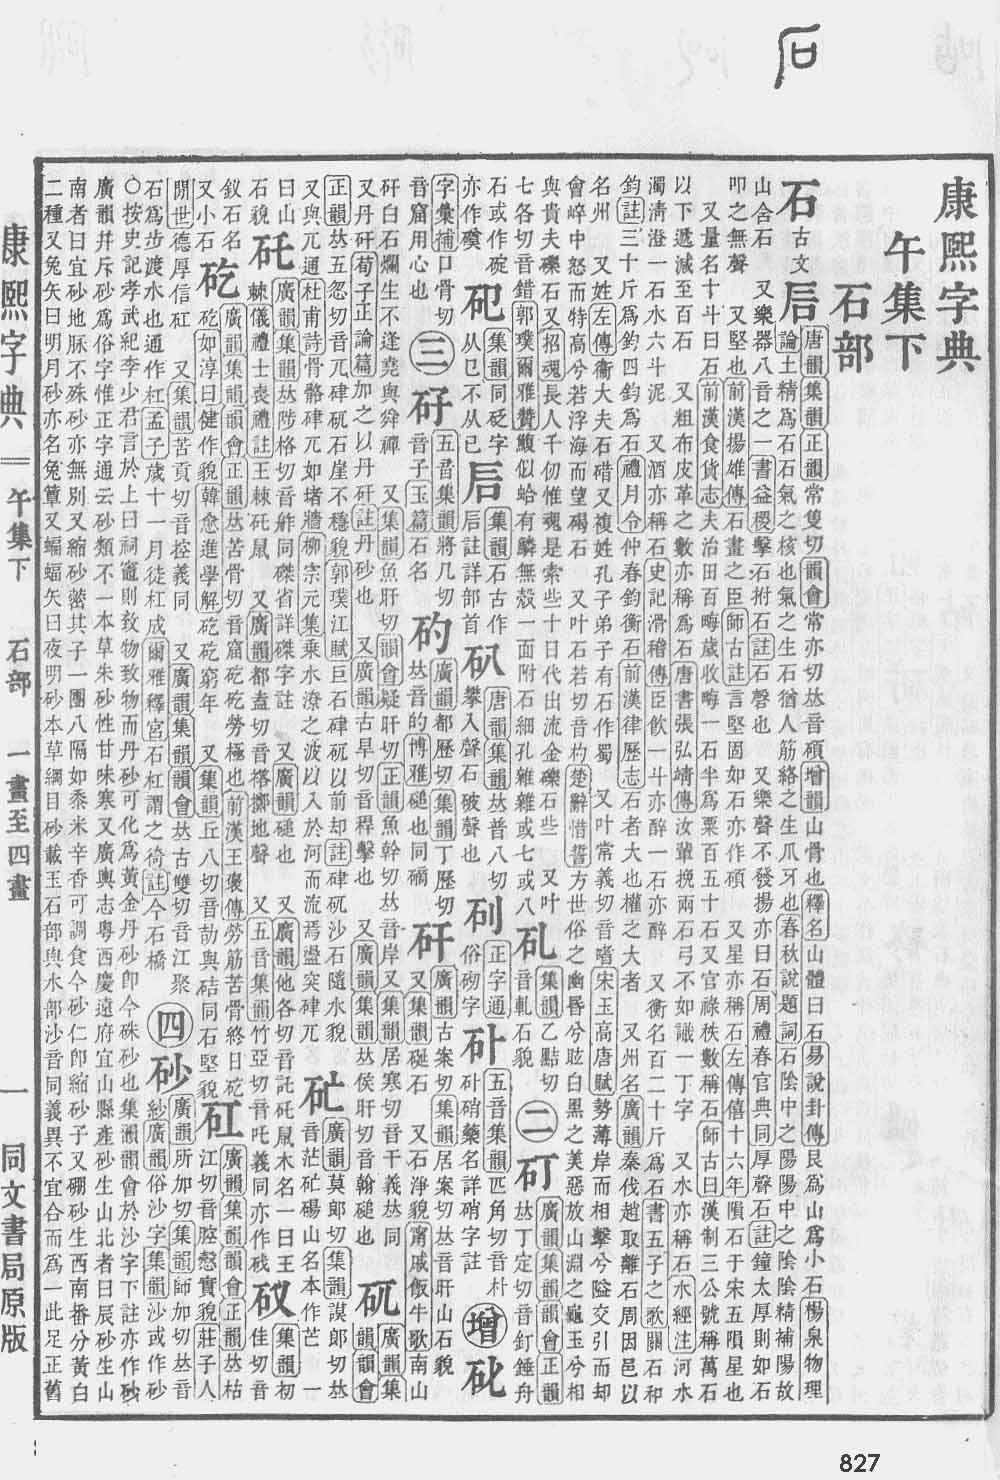 《康熙字典》第827页